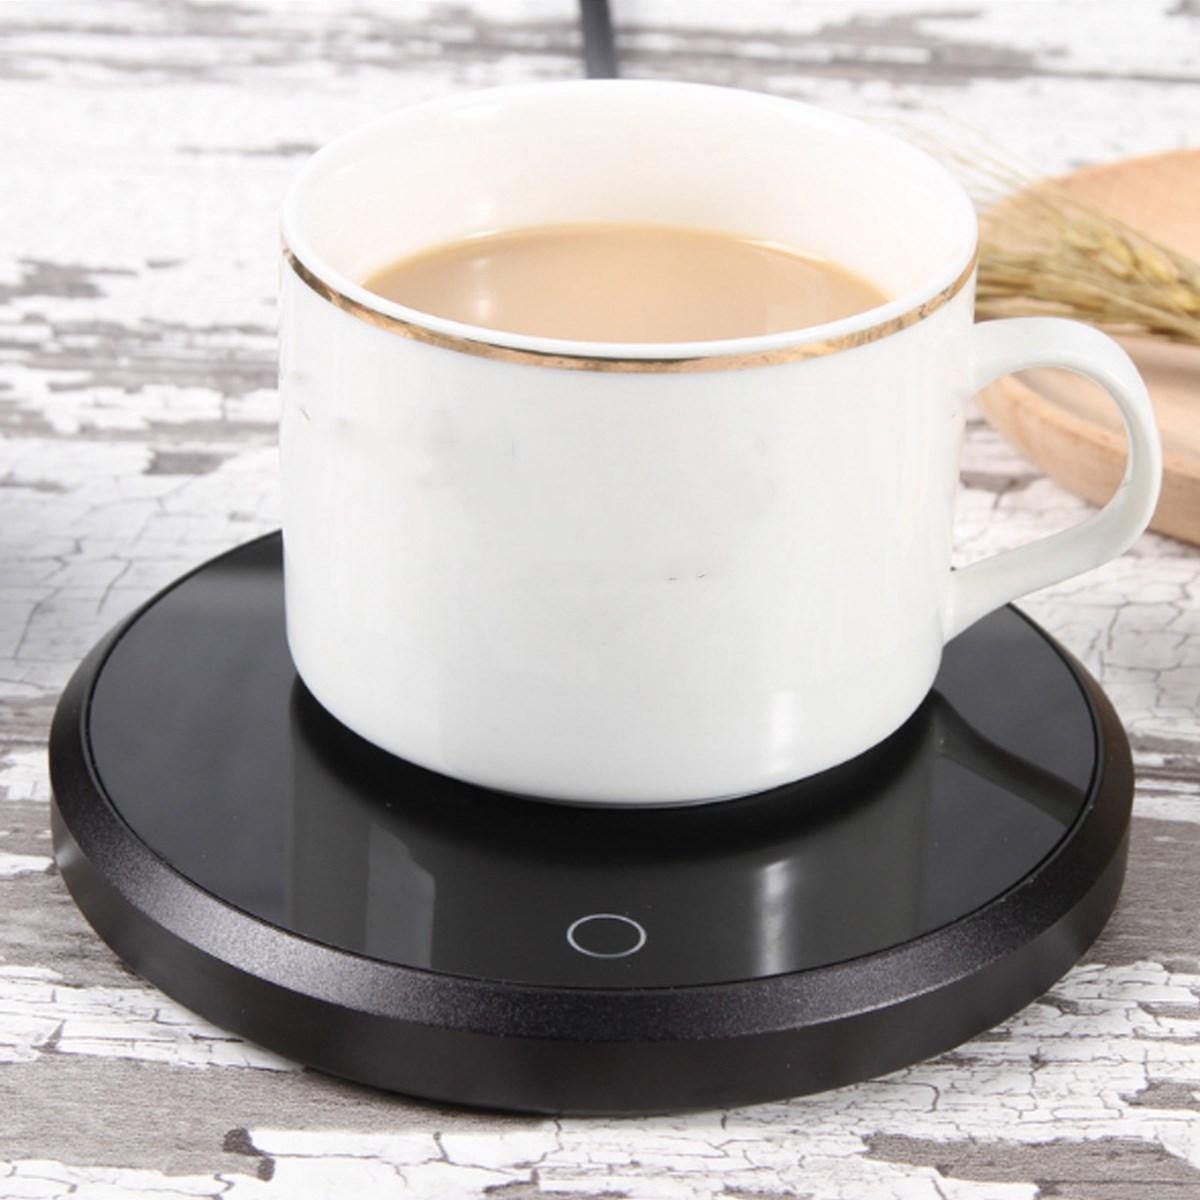 110v Электрический Водонепроницаемый сенсорный нагревательный коврик теплый коврик для Кофе Чай для подогрева чашек